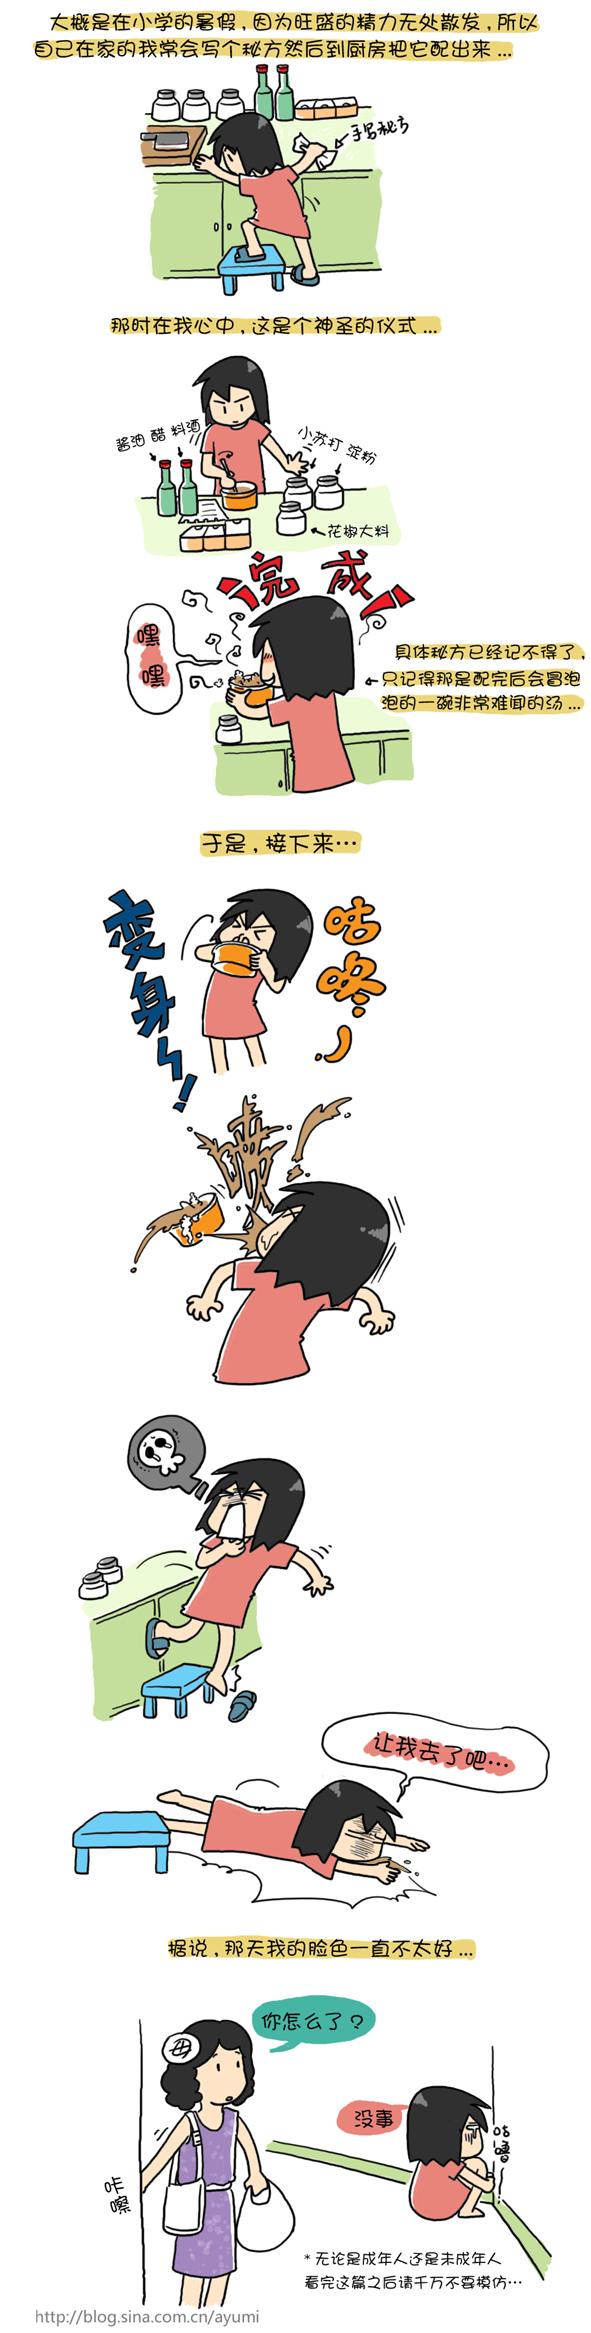 秘药-夺魂汤 - 小步 - 小步漫画日记